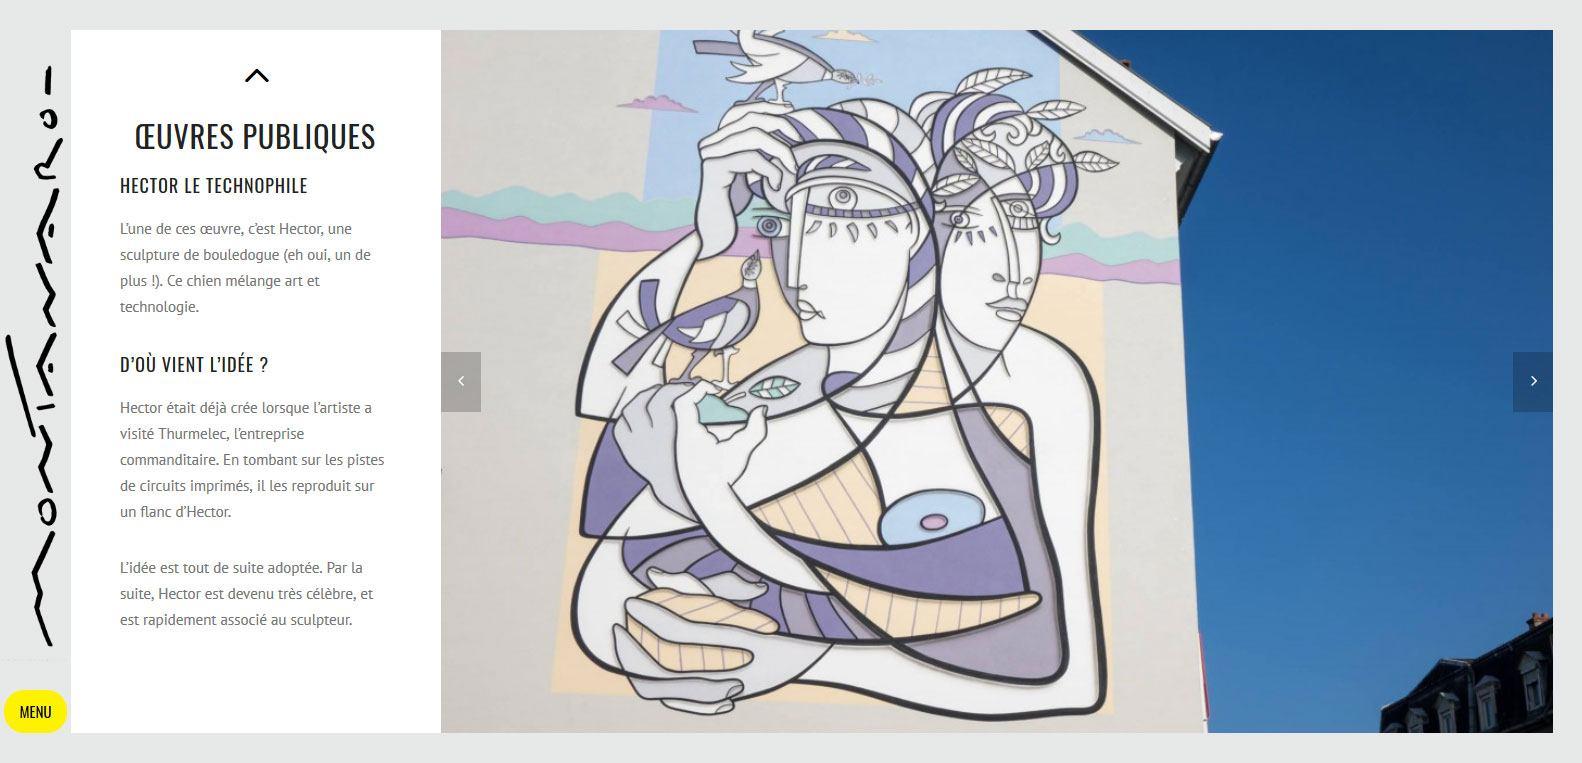 Les oeuvres publiques de renato montanaro, client Karedess agence web situé à Mulhouse